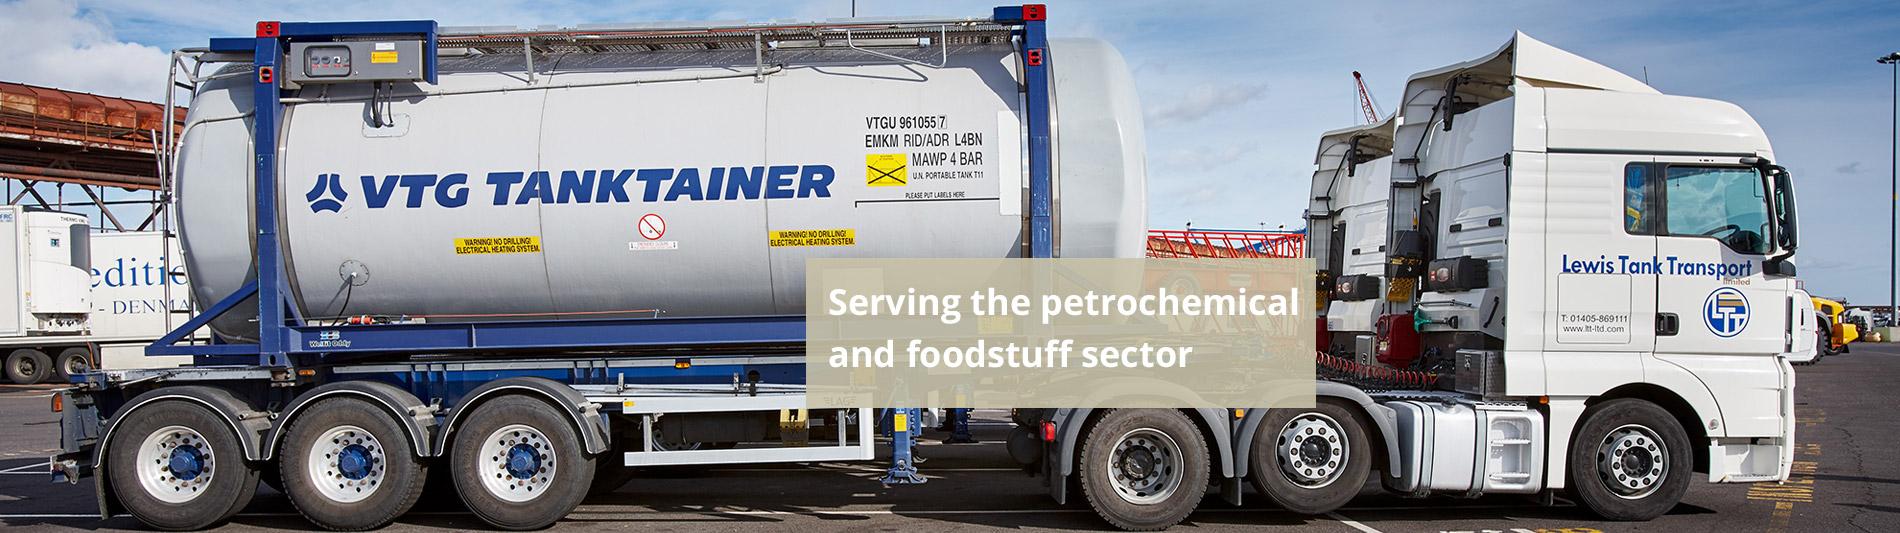 Food Tanker Transport Petrochemical Tanker Transport - Lewis Tank Transport